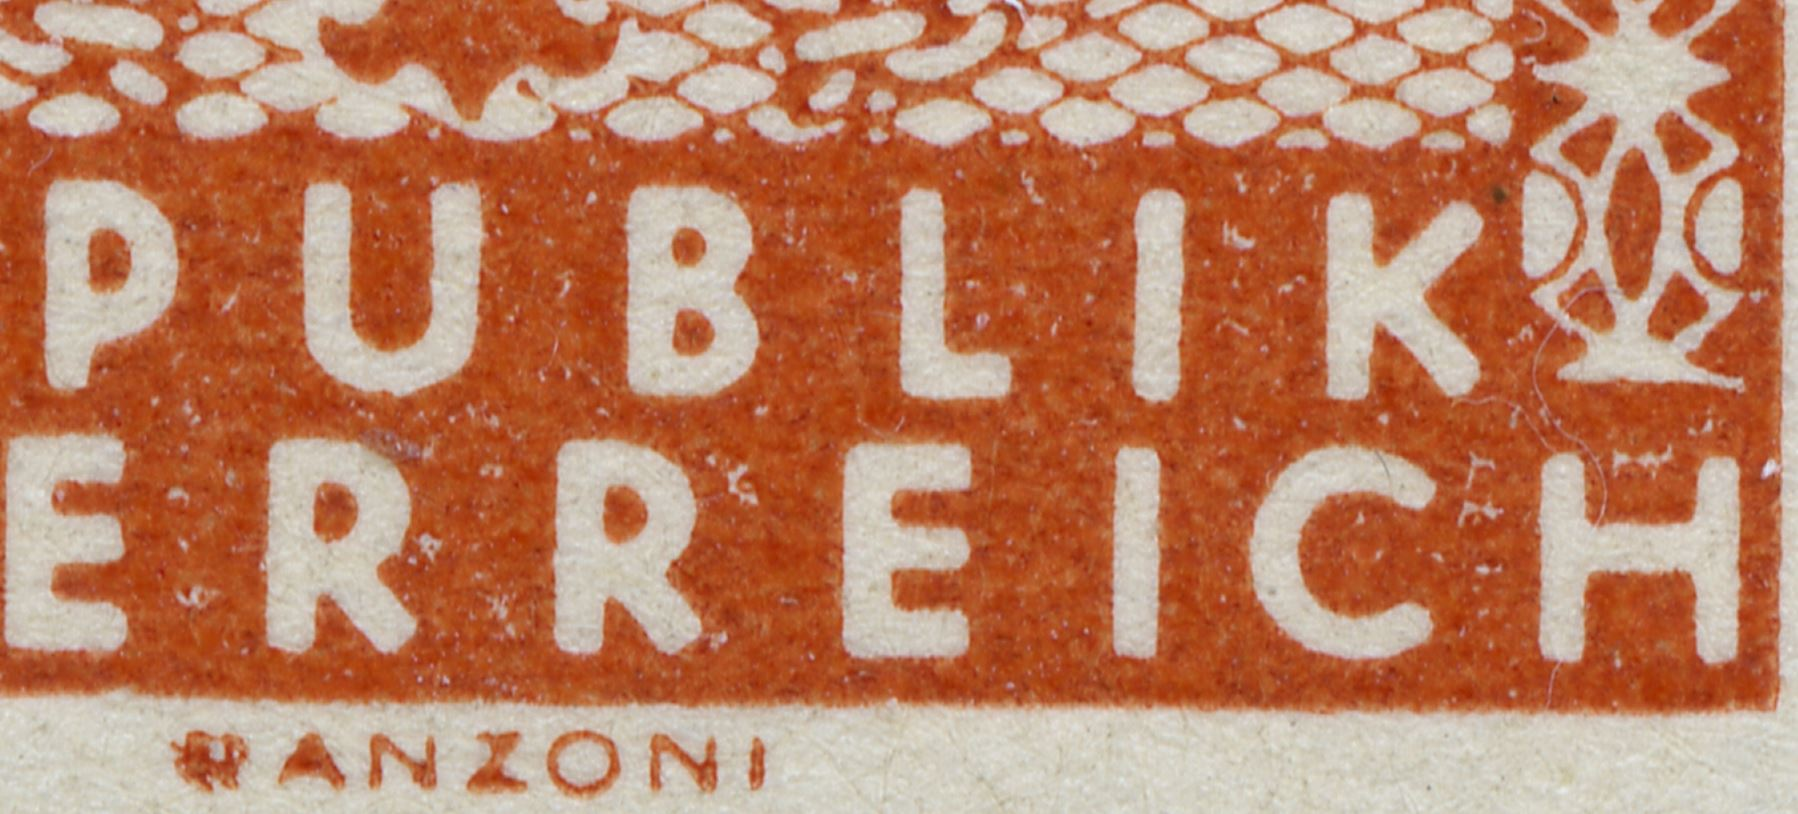 1945 Wappenzeichnung - Seite 4 At_1945_wappen_8_metall_gummi_11